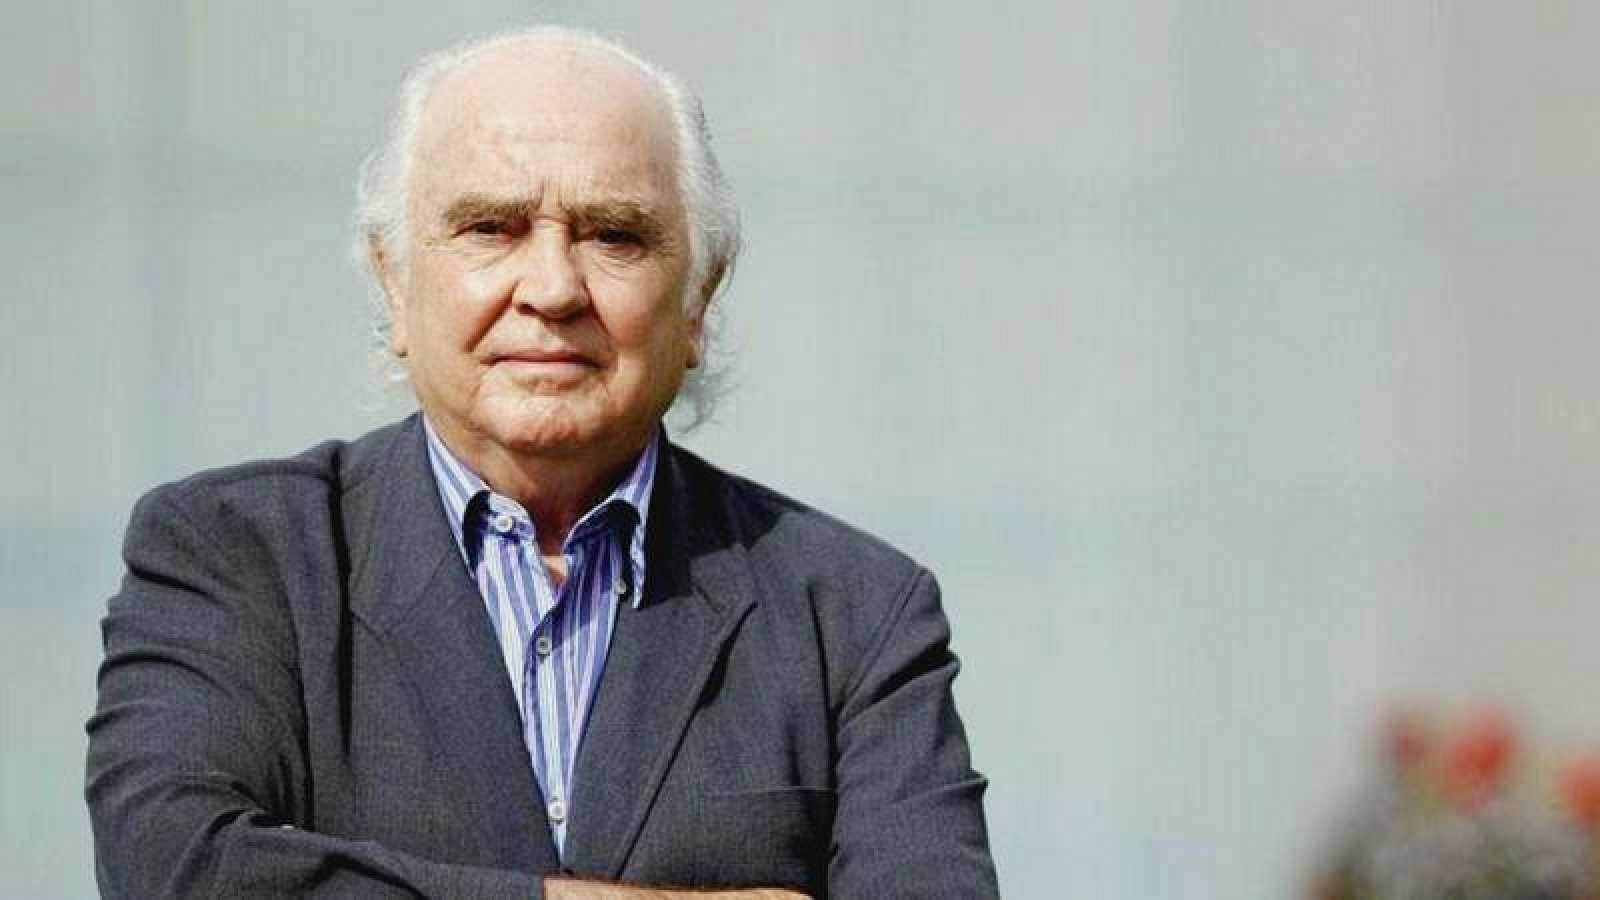 Muere a los 87 años Antón García Abril, compositor de 'El hombre y la tierra' o 'Anillos de oro'